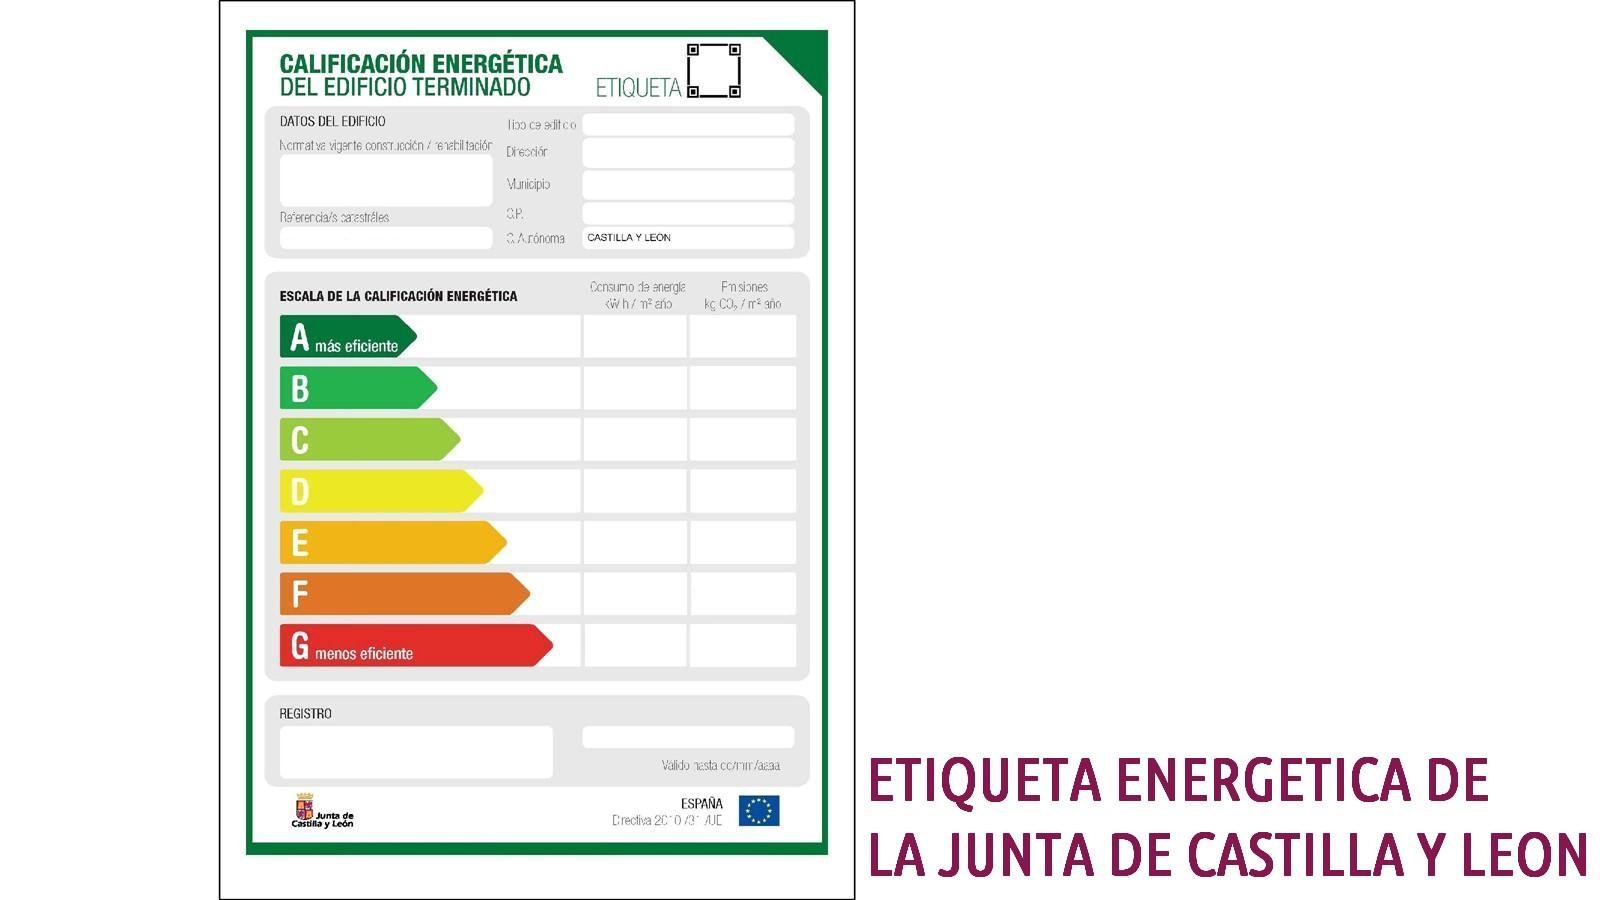 etiqueta energetica